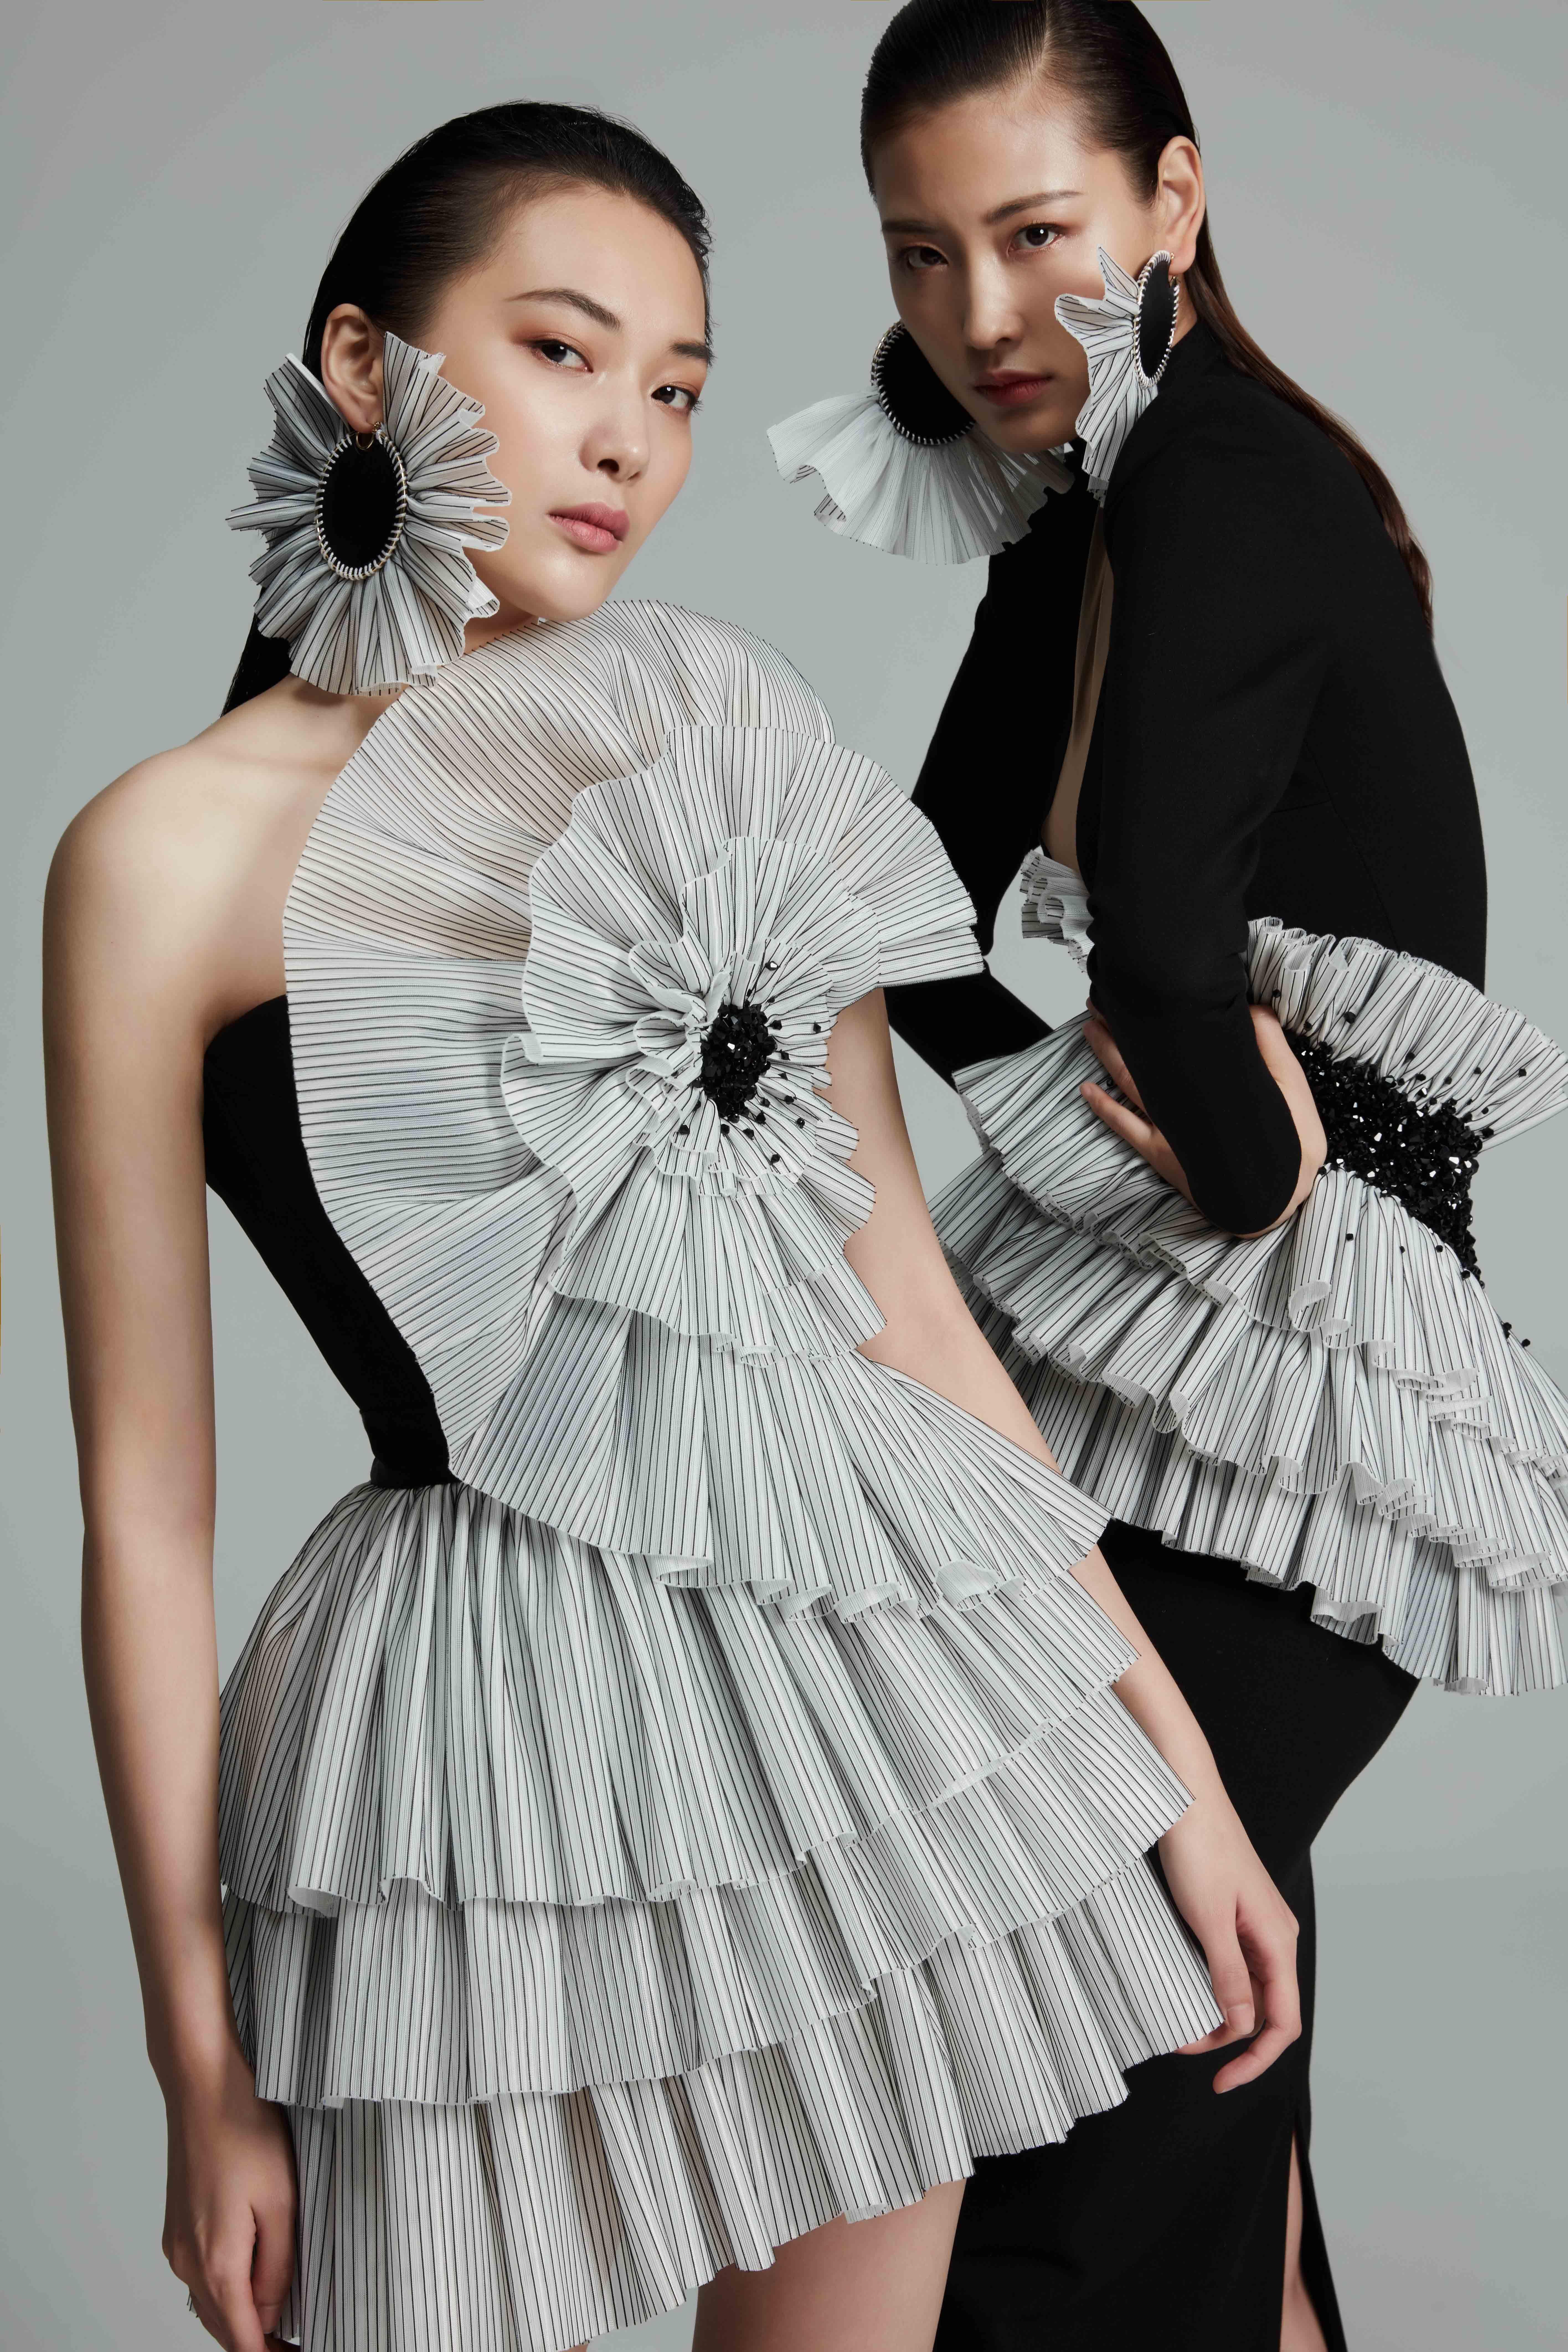 法国高定品牌Yannick Machado 全新系列打造法式优雅